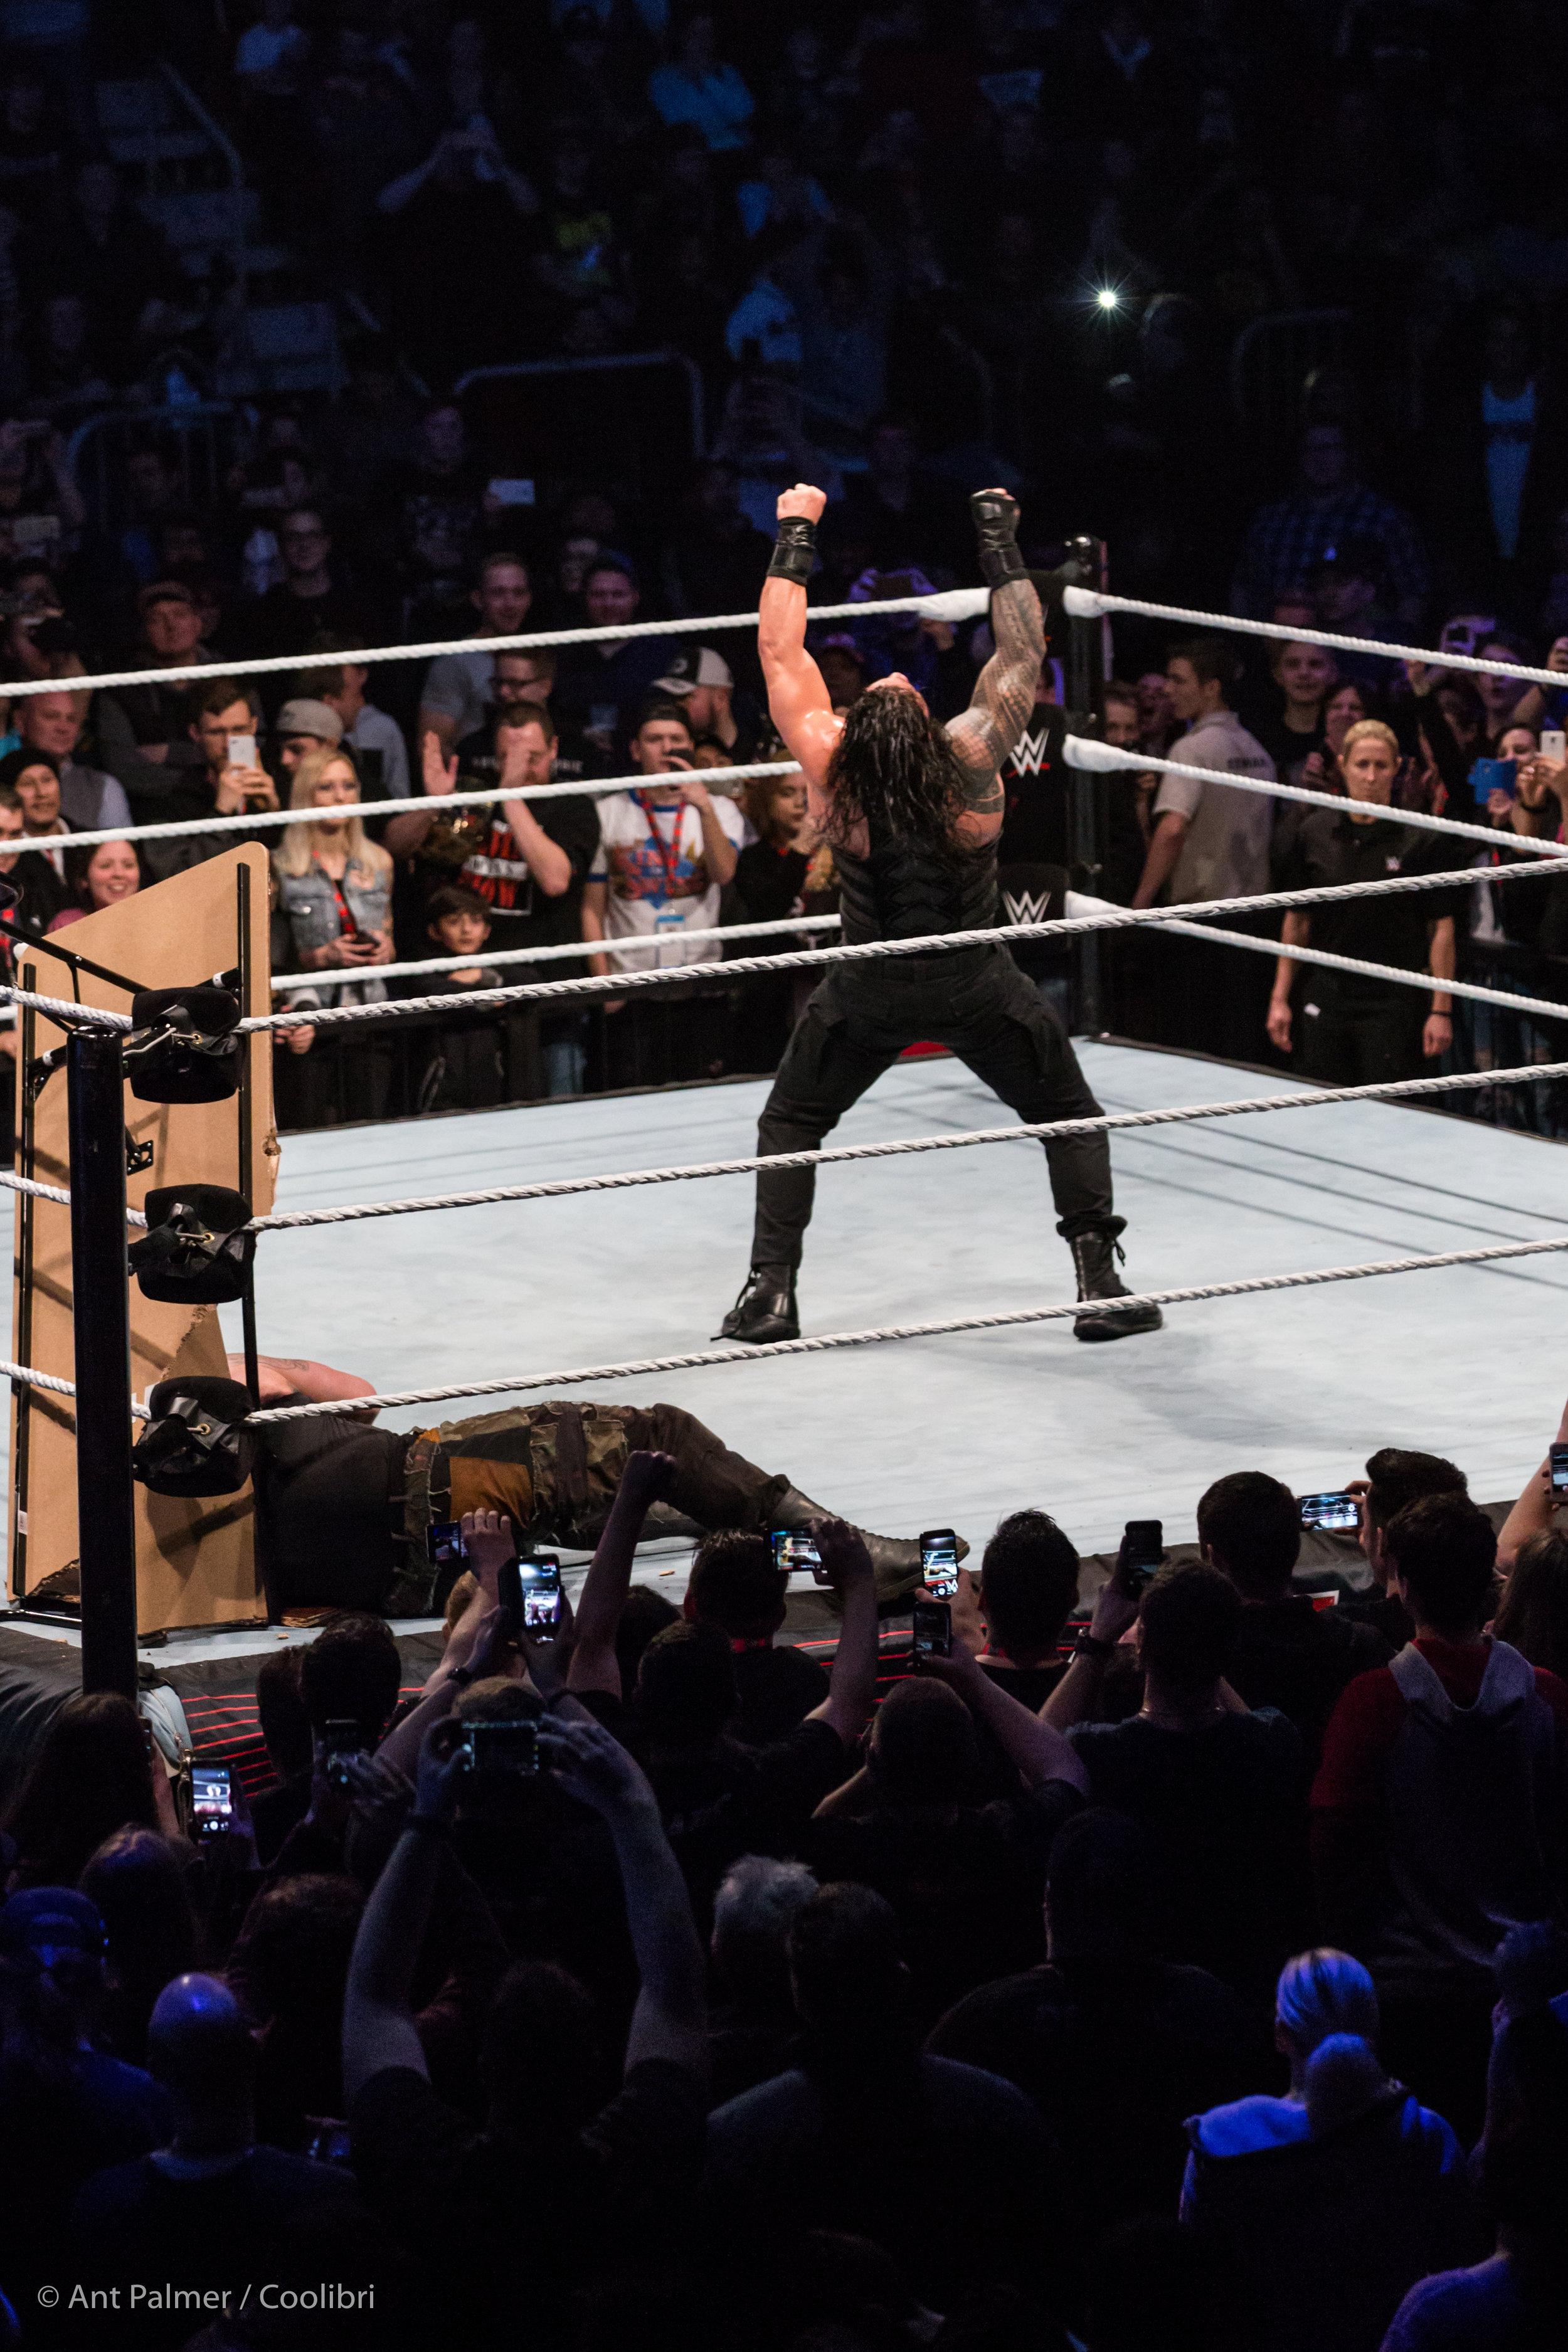 2017_02_22_WWE_DUS-33.jpg